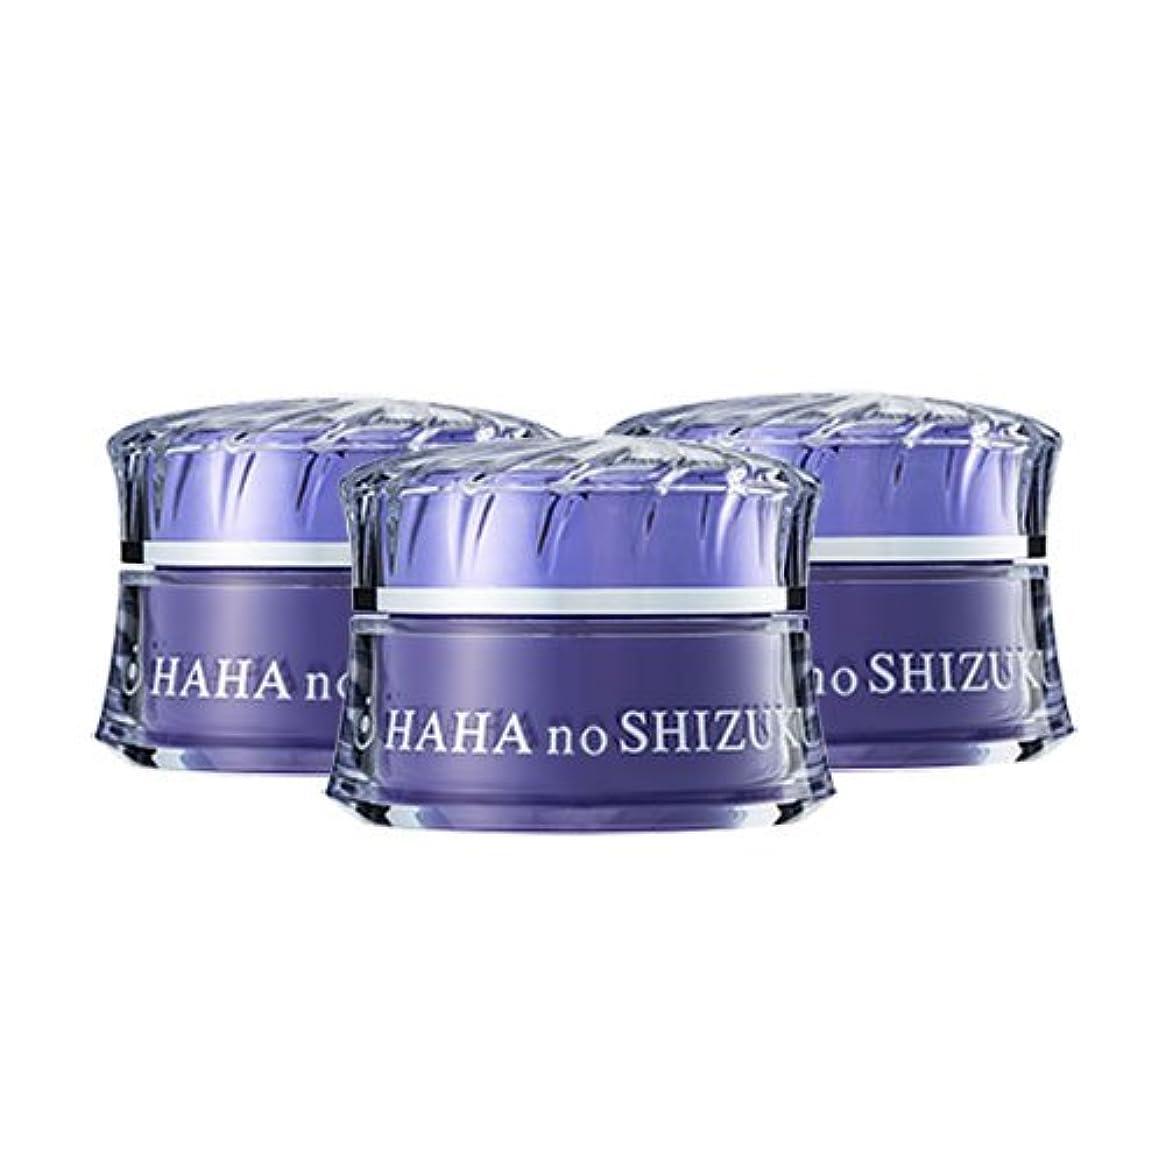 羊飼いしょっぱい危険母の滴 プラセンタクリーム 3個セット 高濃度サラブレッドプラセンタ 配合 (32g×3個) プラセンタエキス サイタイエキス ヒアルロン酸